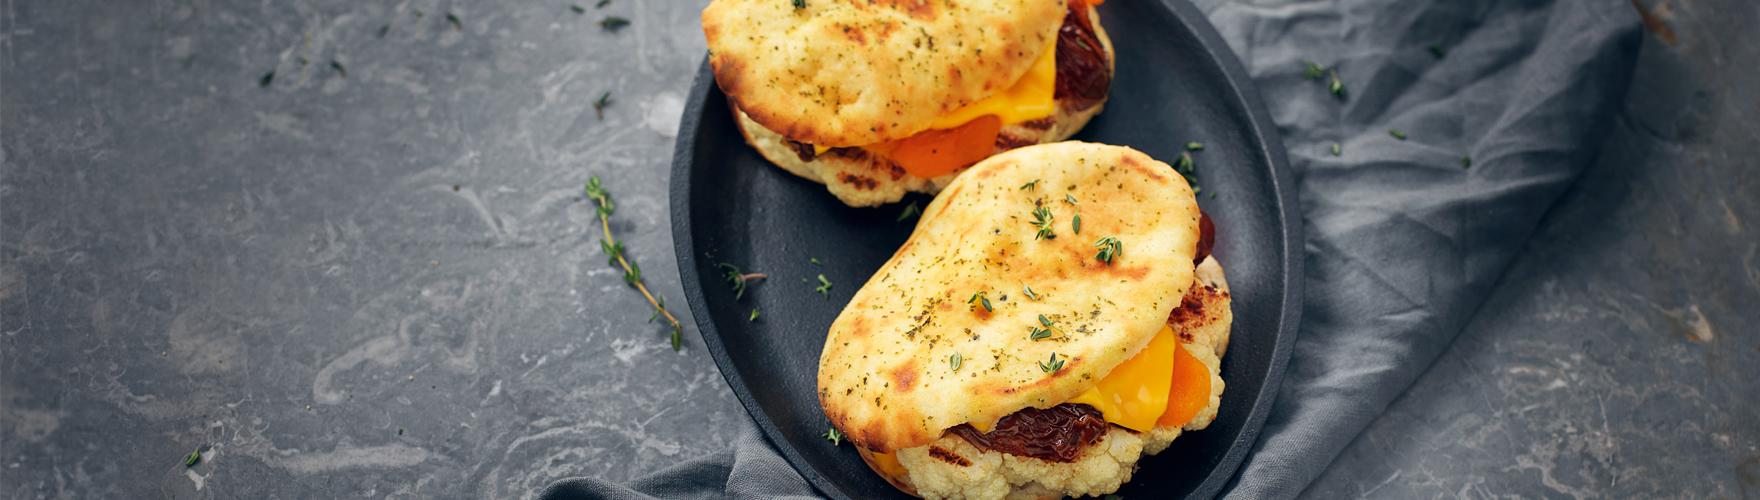 Tosta-mista com queijo cheddar, couve-flor grelhada, tâmara e damasco